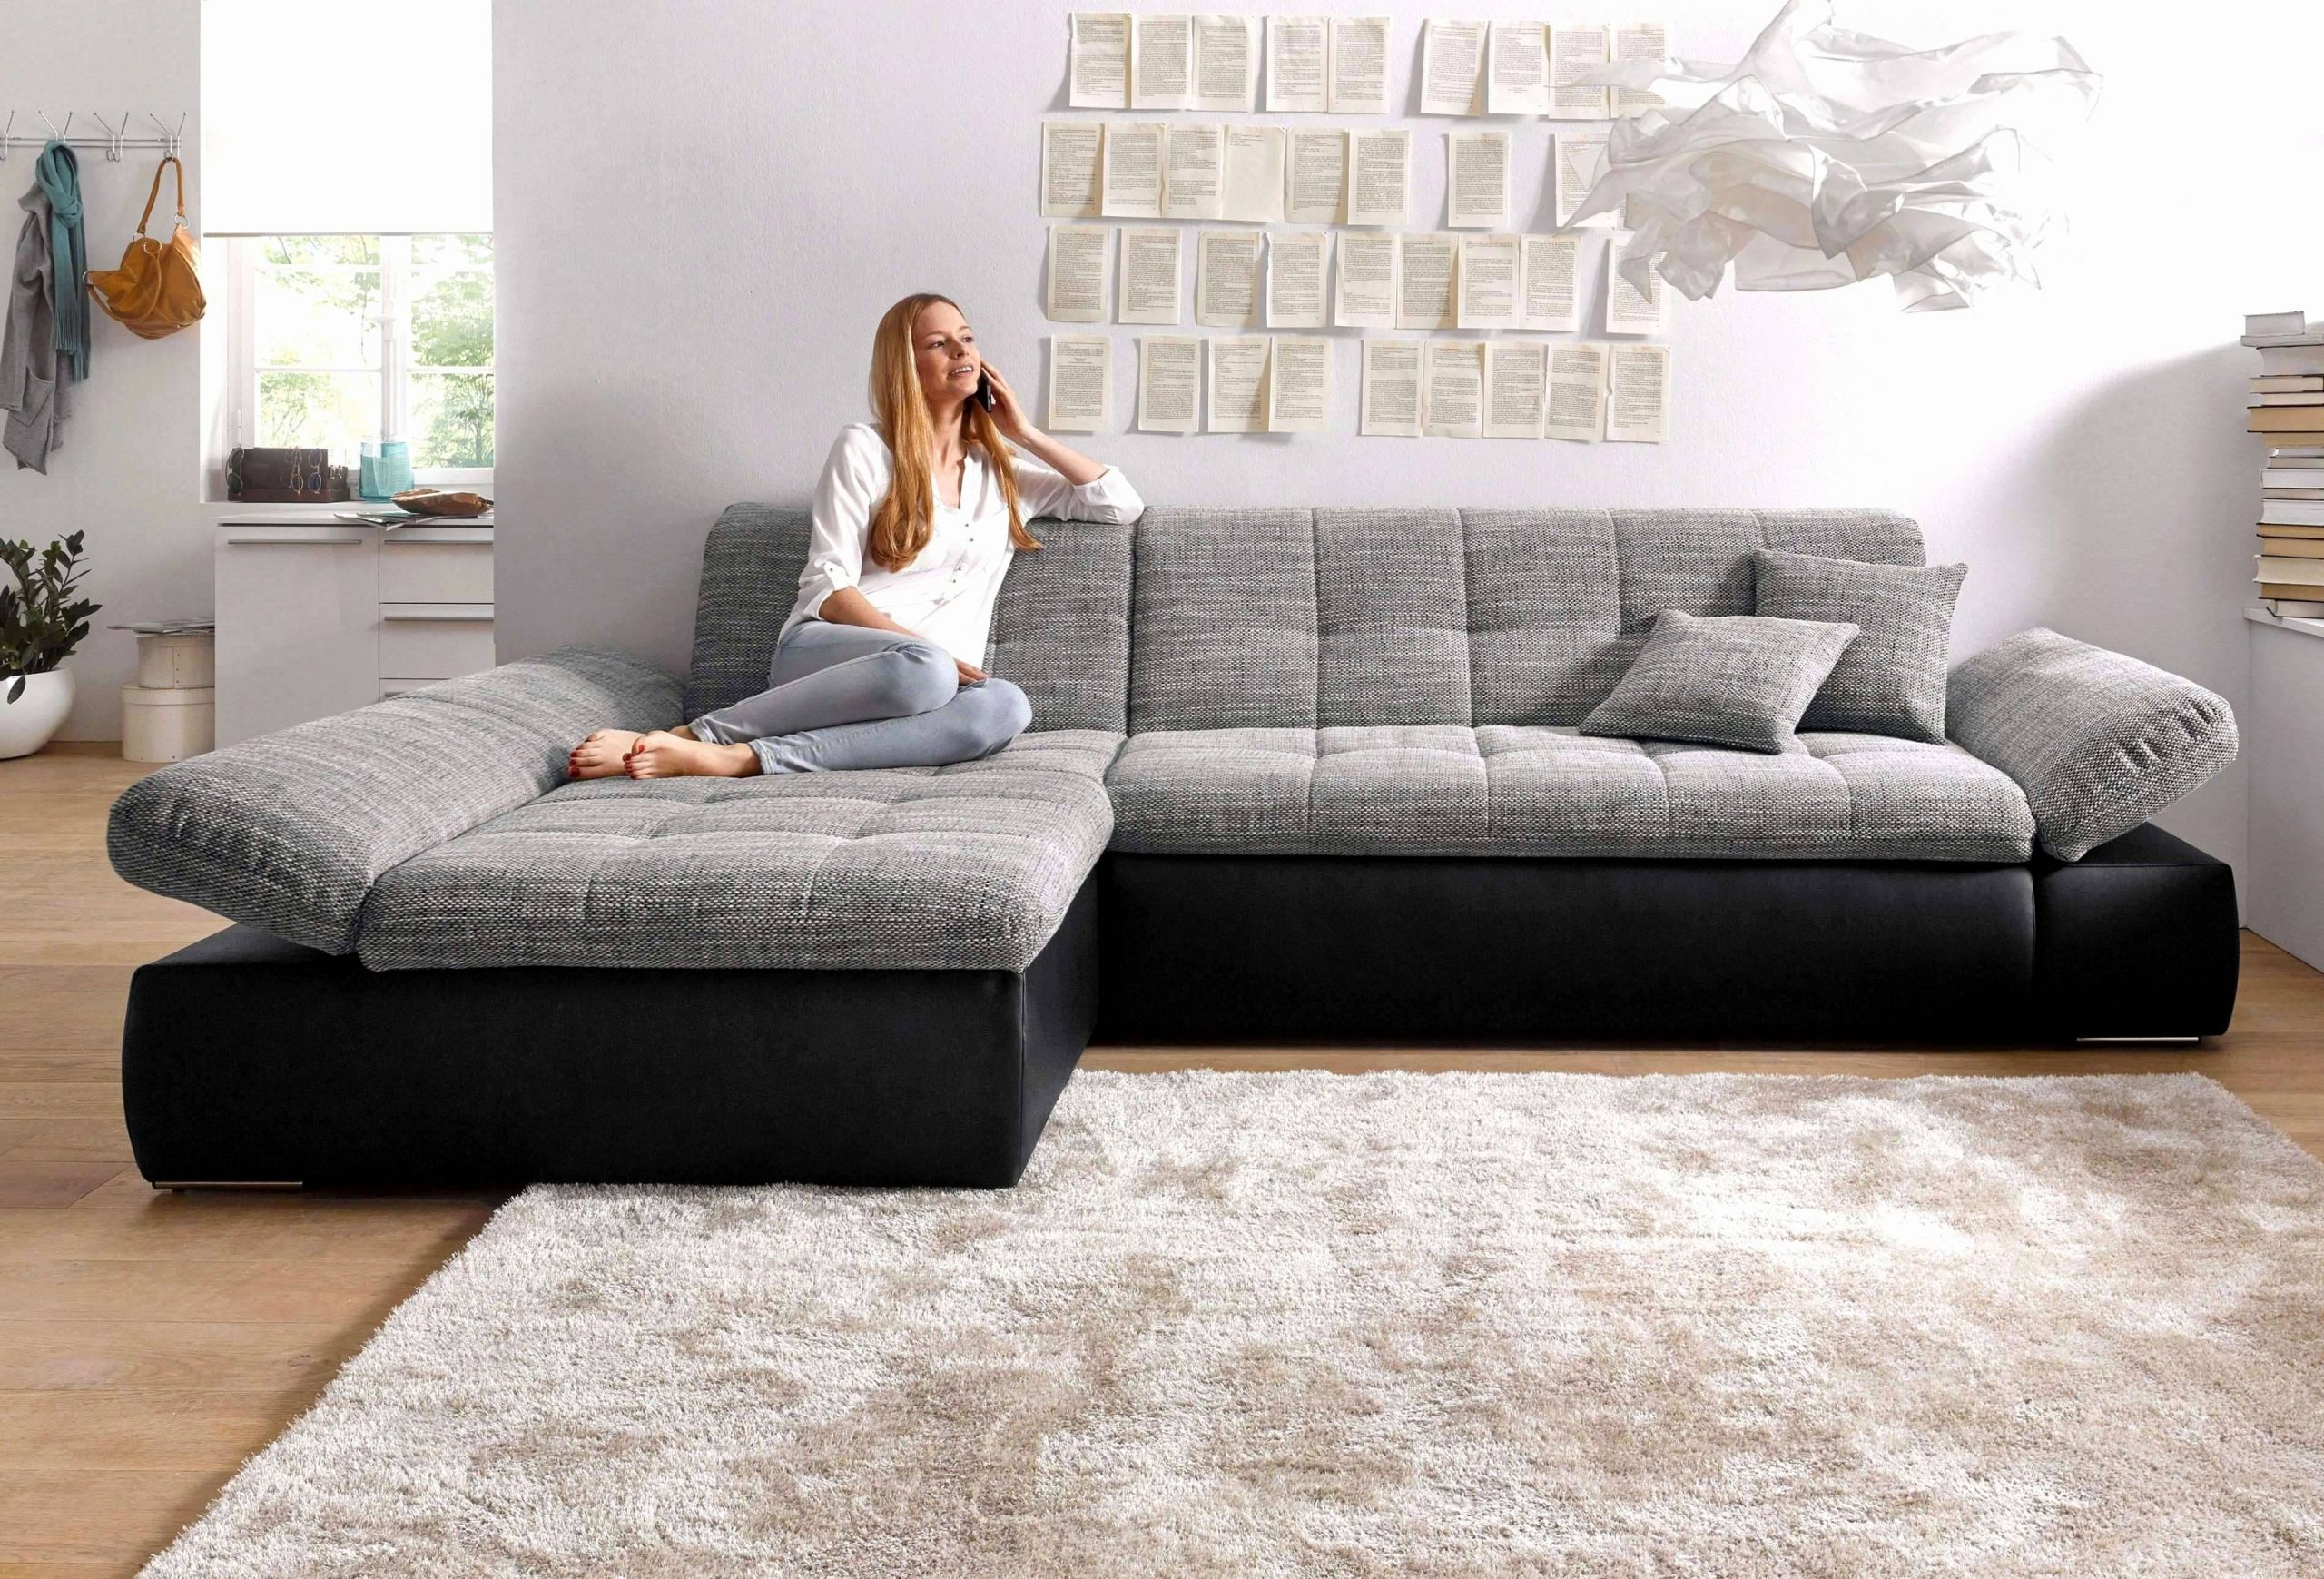 rustikale wohnzimmer deko inspirierend 35 billig kamin im wohnzimmer meinung of rustikale wohnzimmer deko